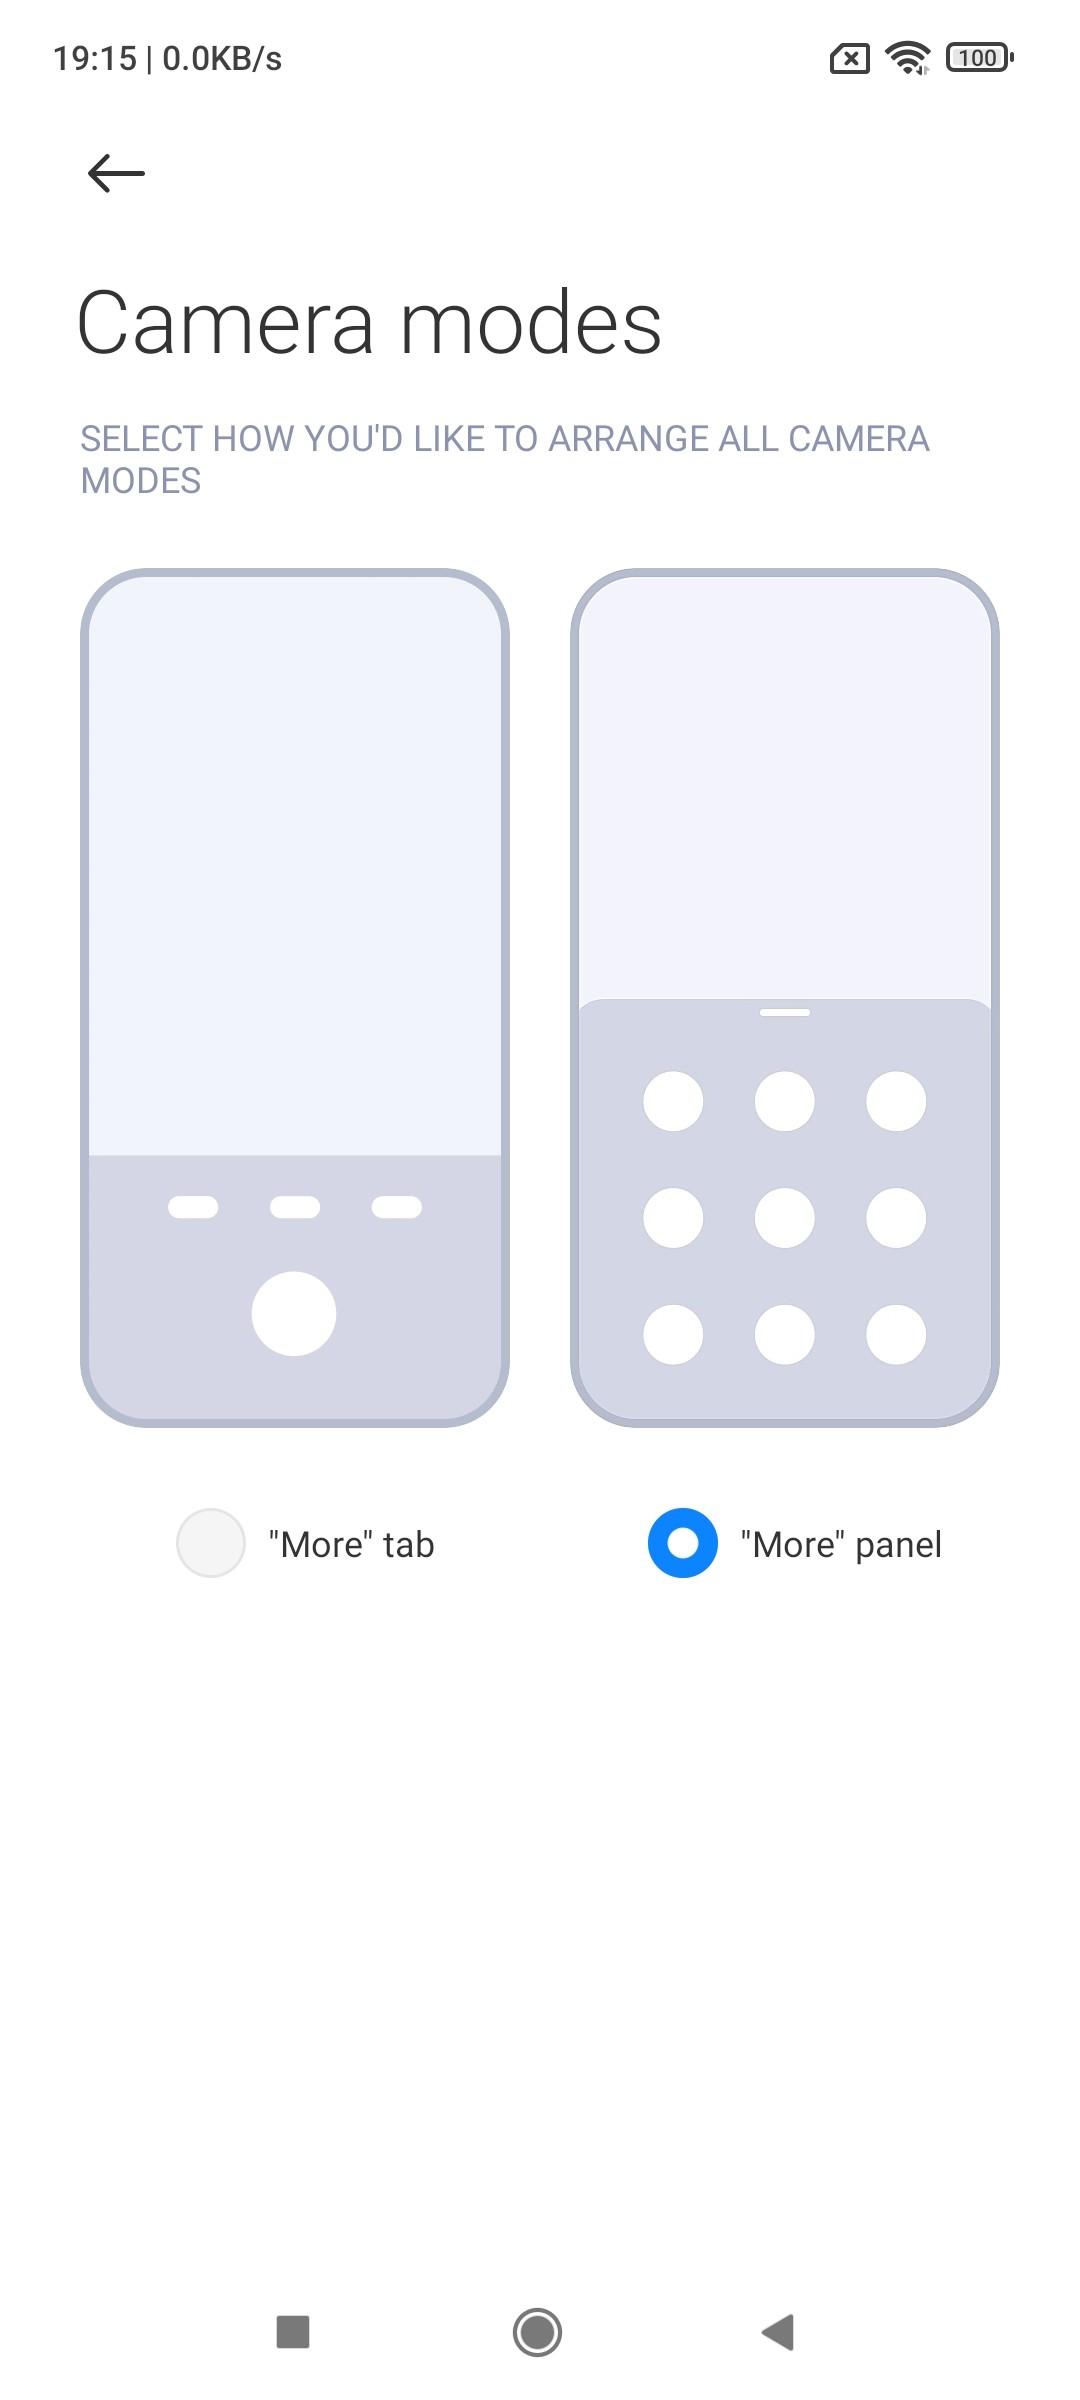 بررسی کامل و تخصصی گوشی ردمی نوت 10 اس شیائومی: قلع و قمع توسط برادران